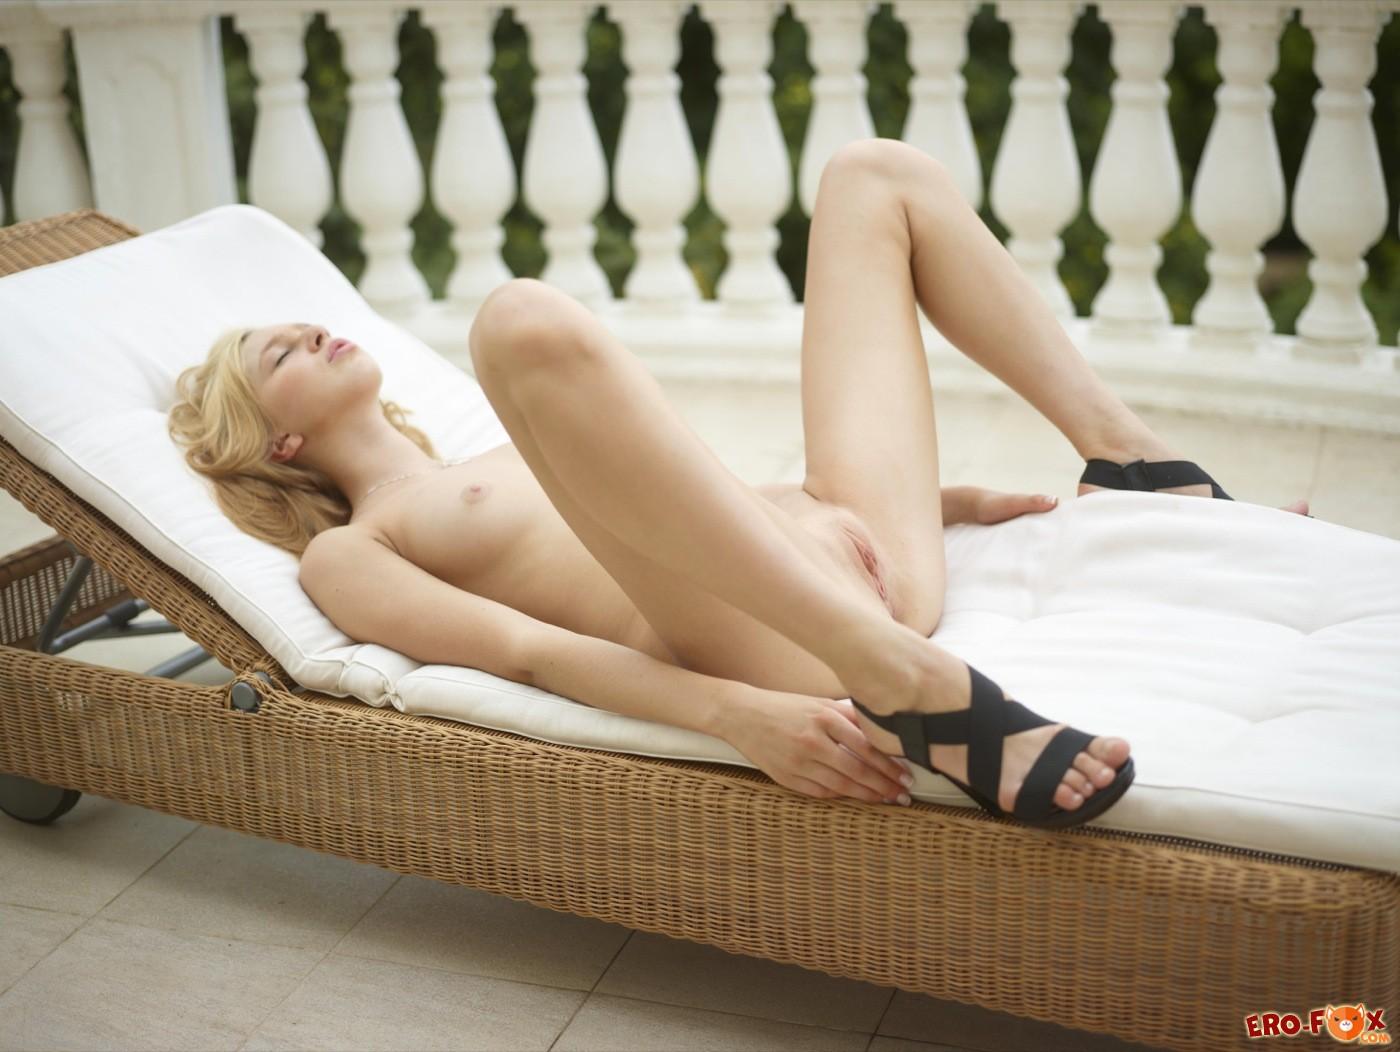 Красивая блондинка раздвинула ноги лежа на шезлонге - фото